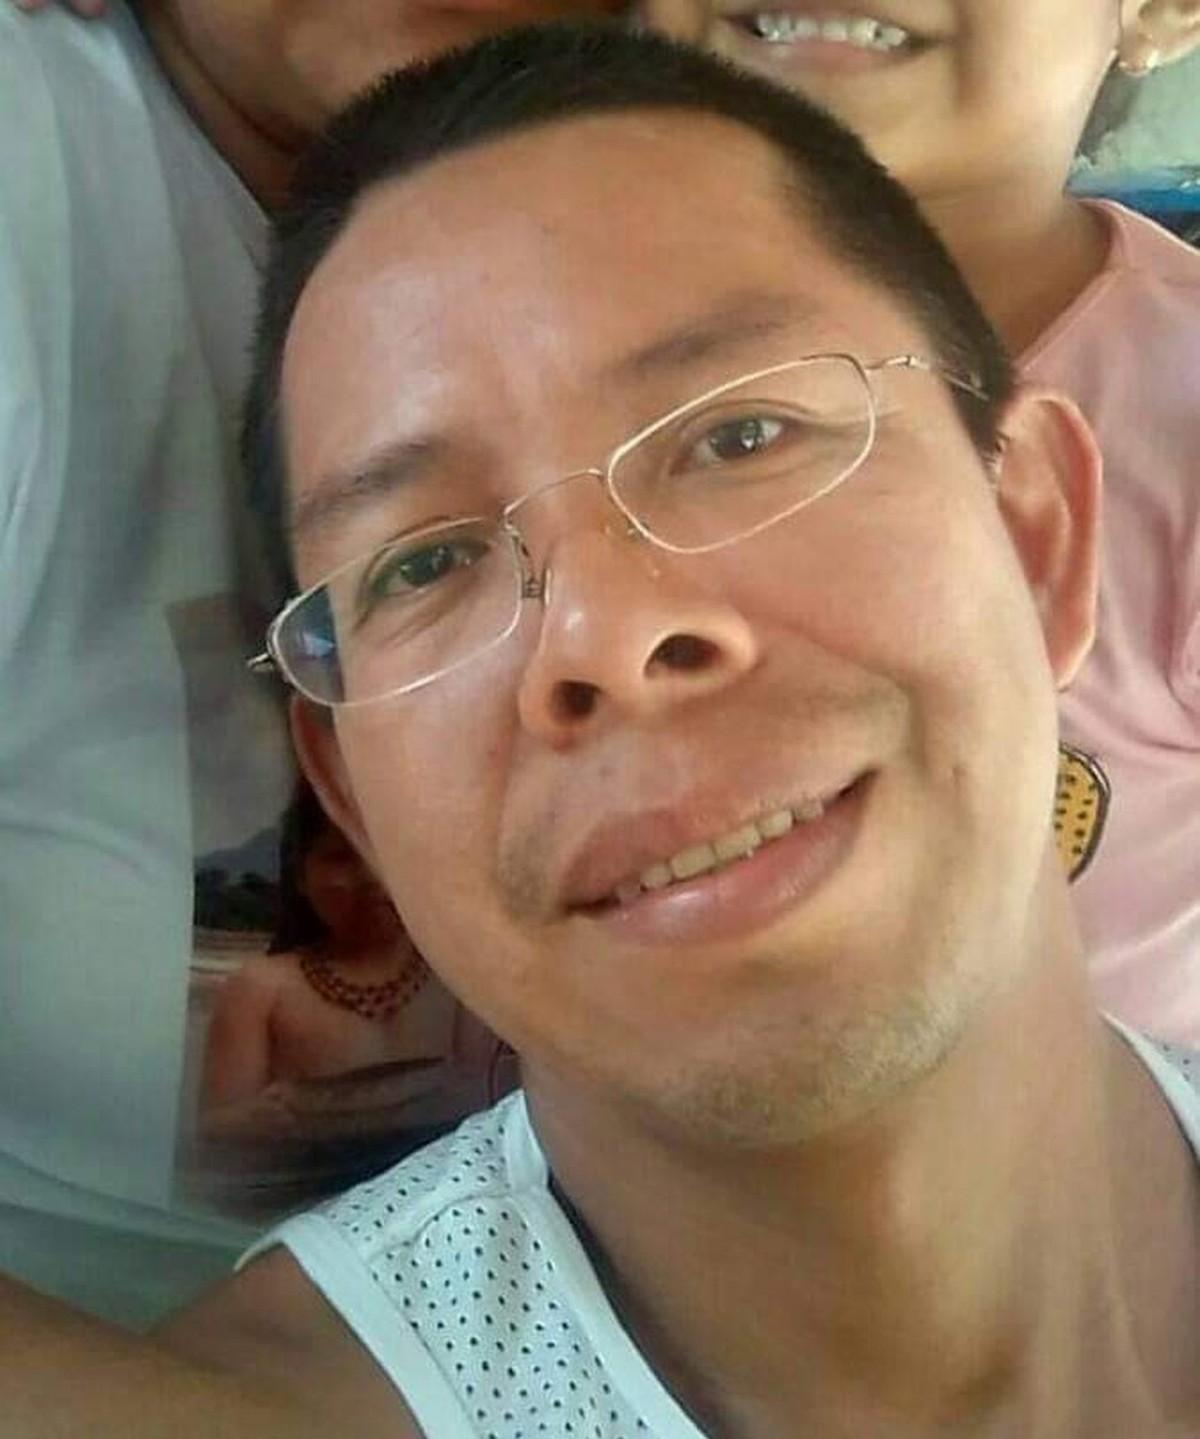 Indígena morto a pauladas foi vítima de traficantes incomodados com som alto de festa, diz delegado